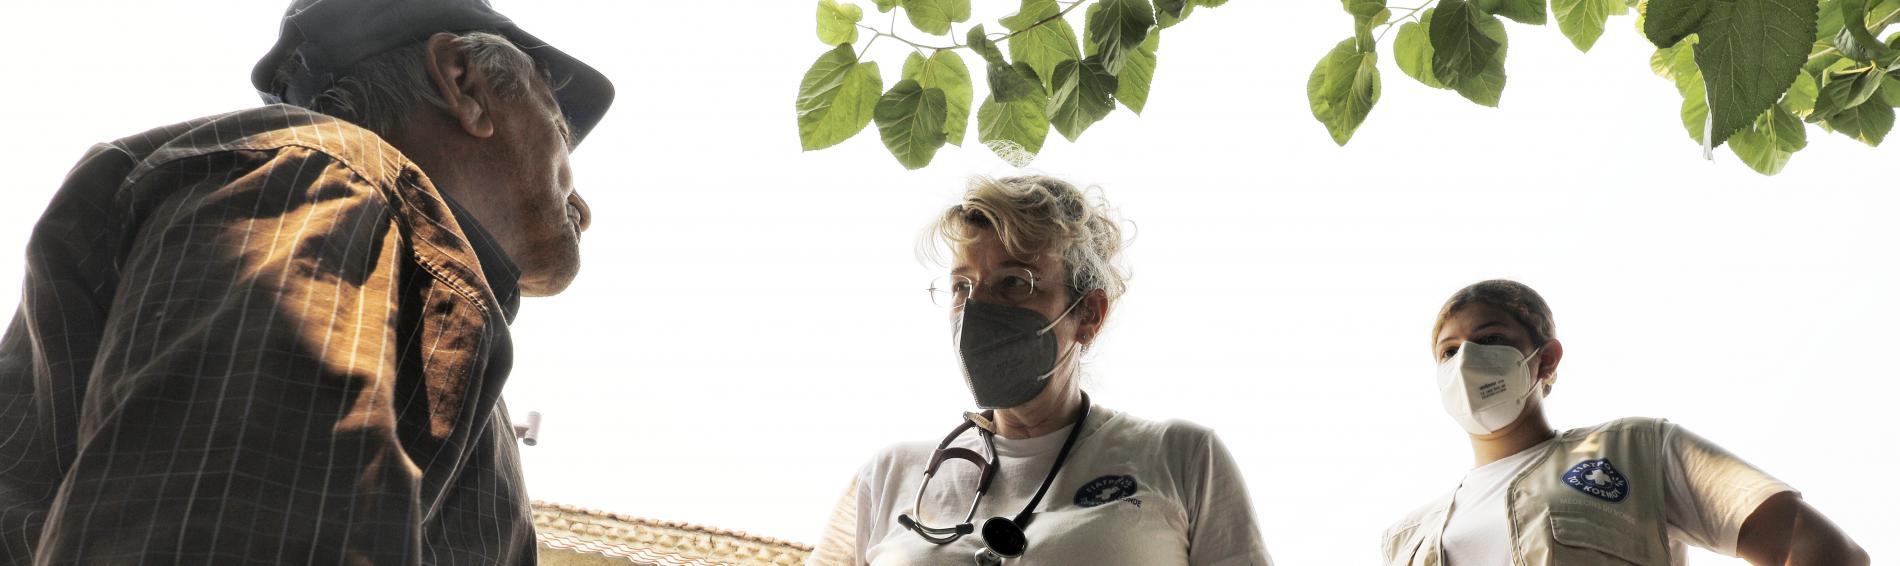 Ärzte der Welt leistet den Menschen in den Brandgebieten auch psychologische Unterstützung. Foto: Yiannis Yiannakopoulos